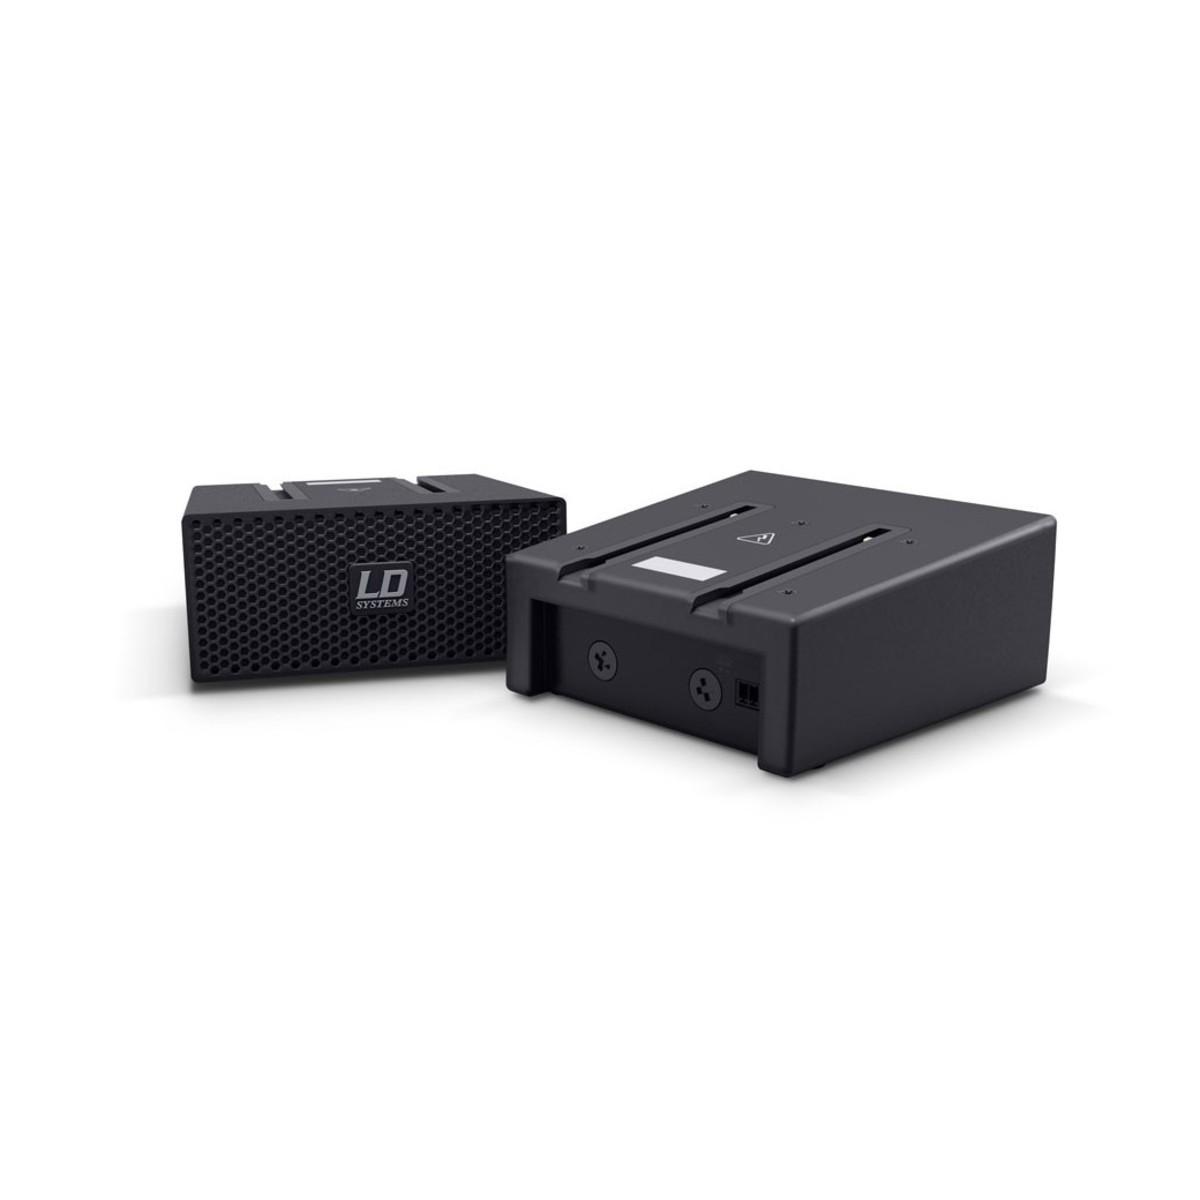 LD Systems CURV500 SLAT Variable Voltage Smartlink Adapter Black